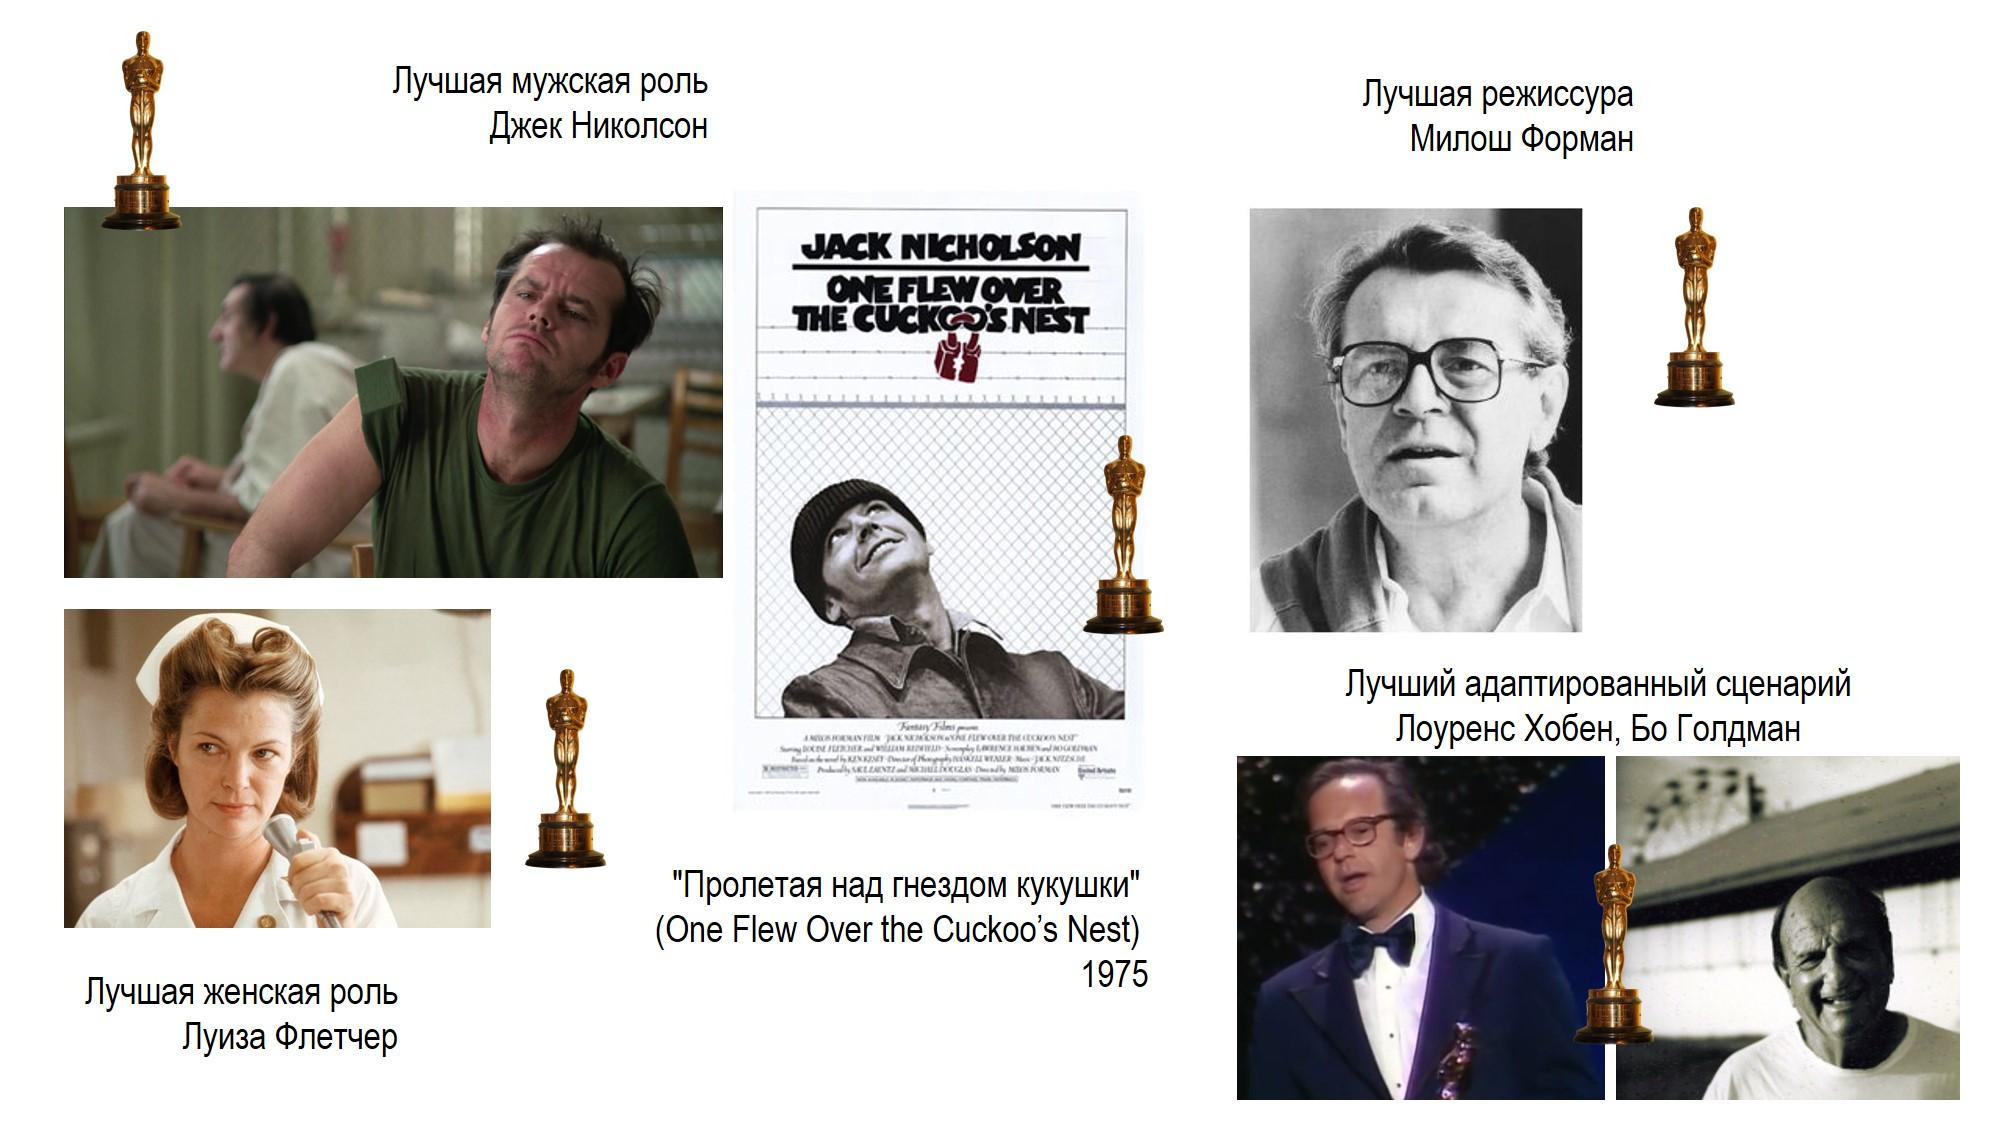 Пролетая над гнездом кукушки Большая пятерка 5 Оскаров в главных номинациях